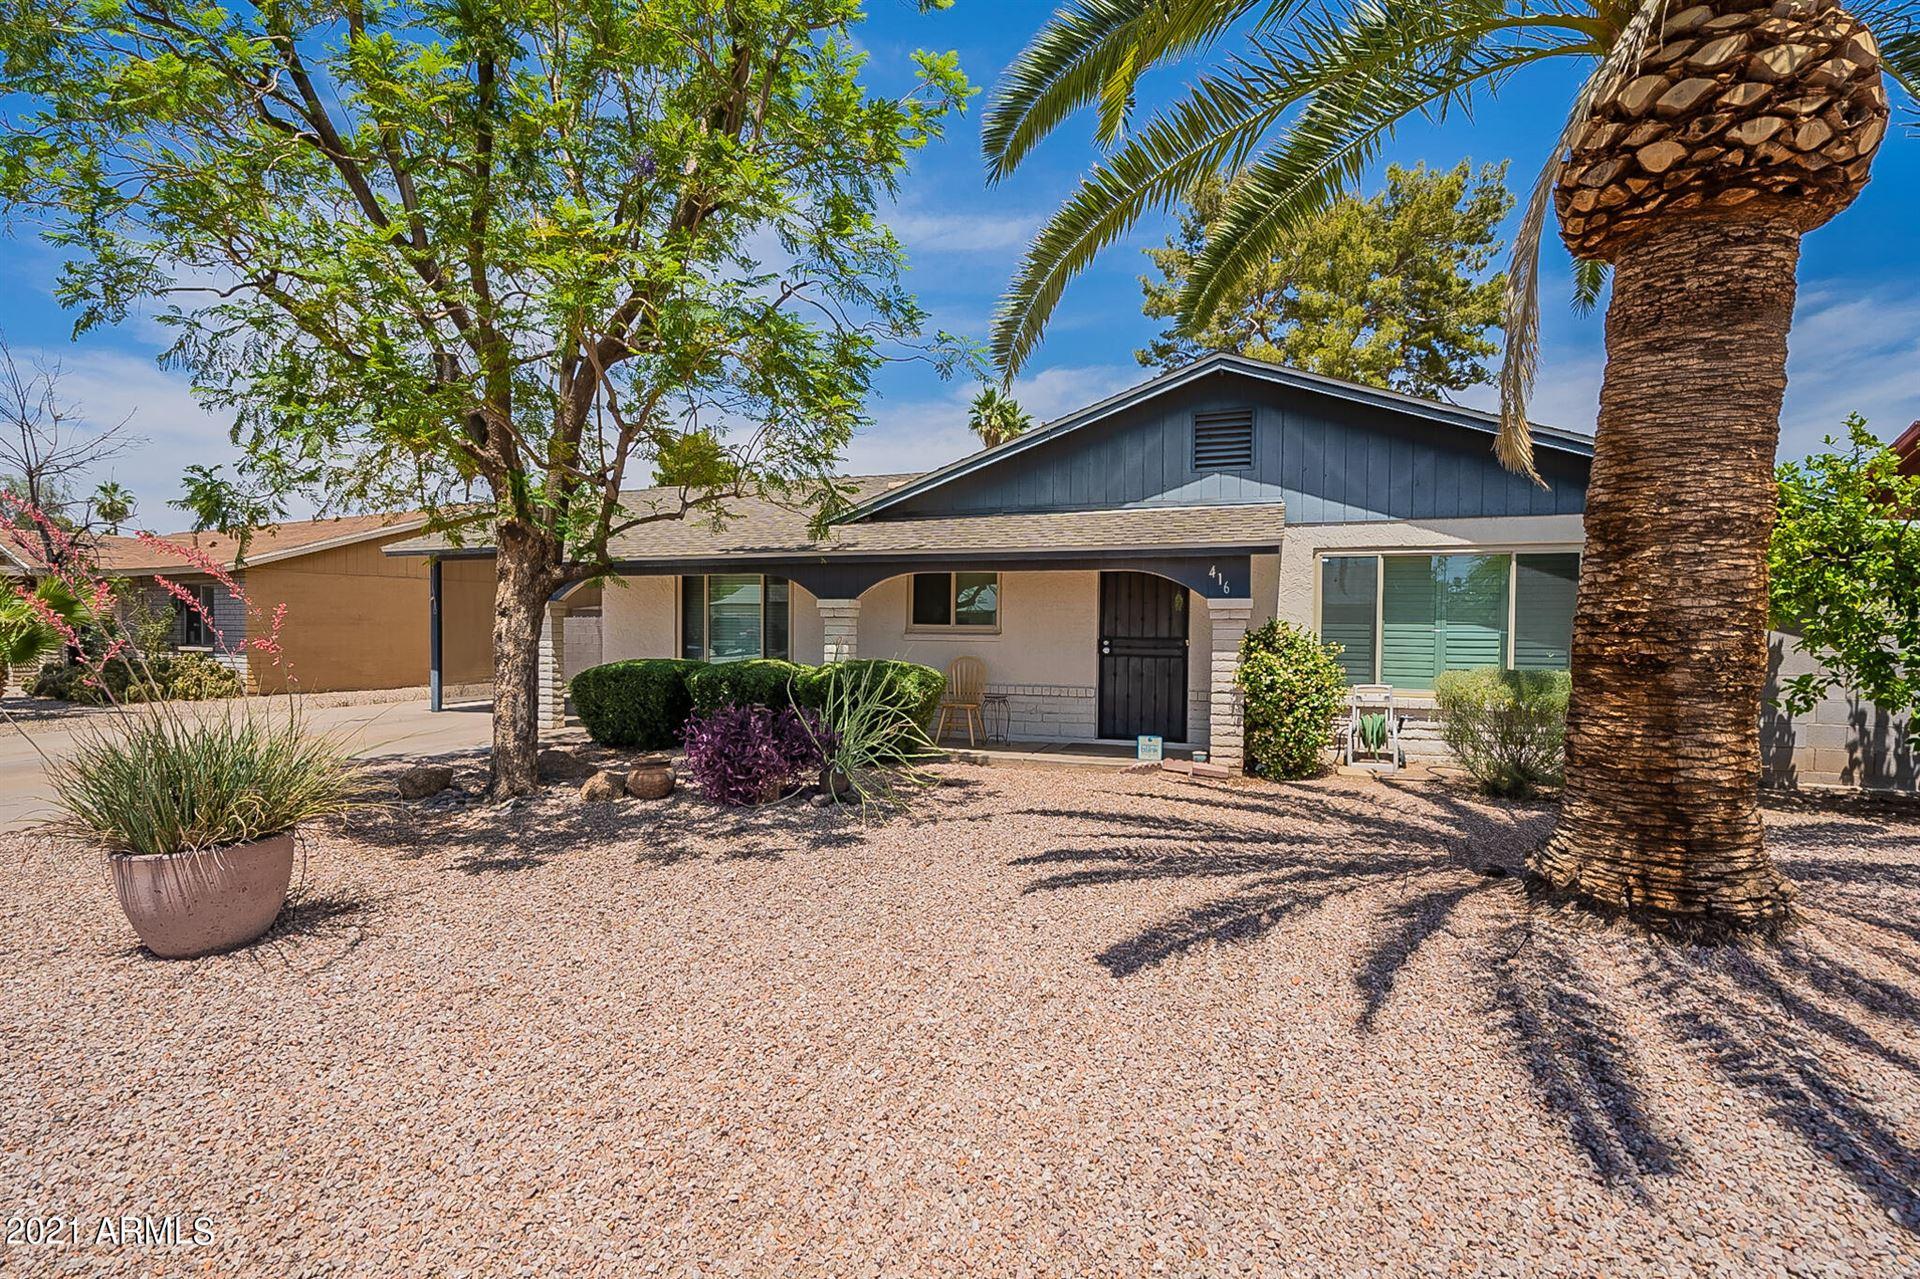 Photo of 416 E LA DONNA Drive, Tempe, AZ 85283 (MLS # 6234052)